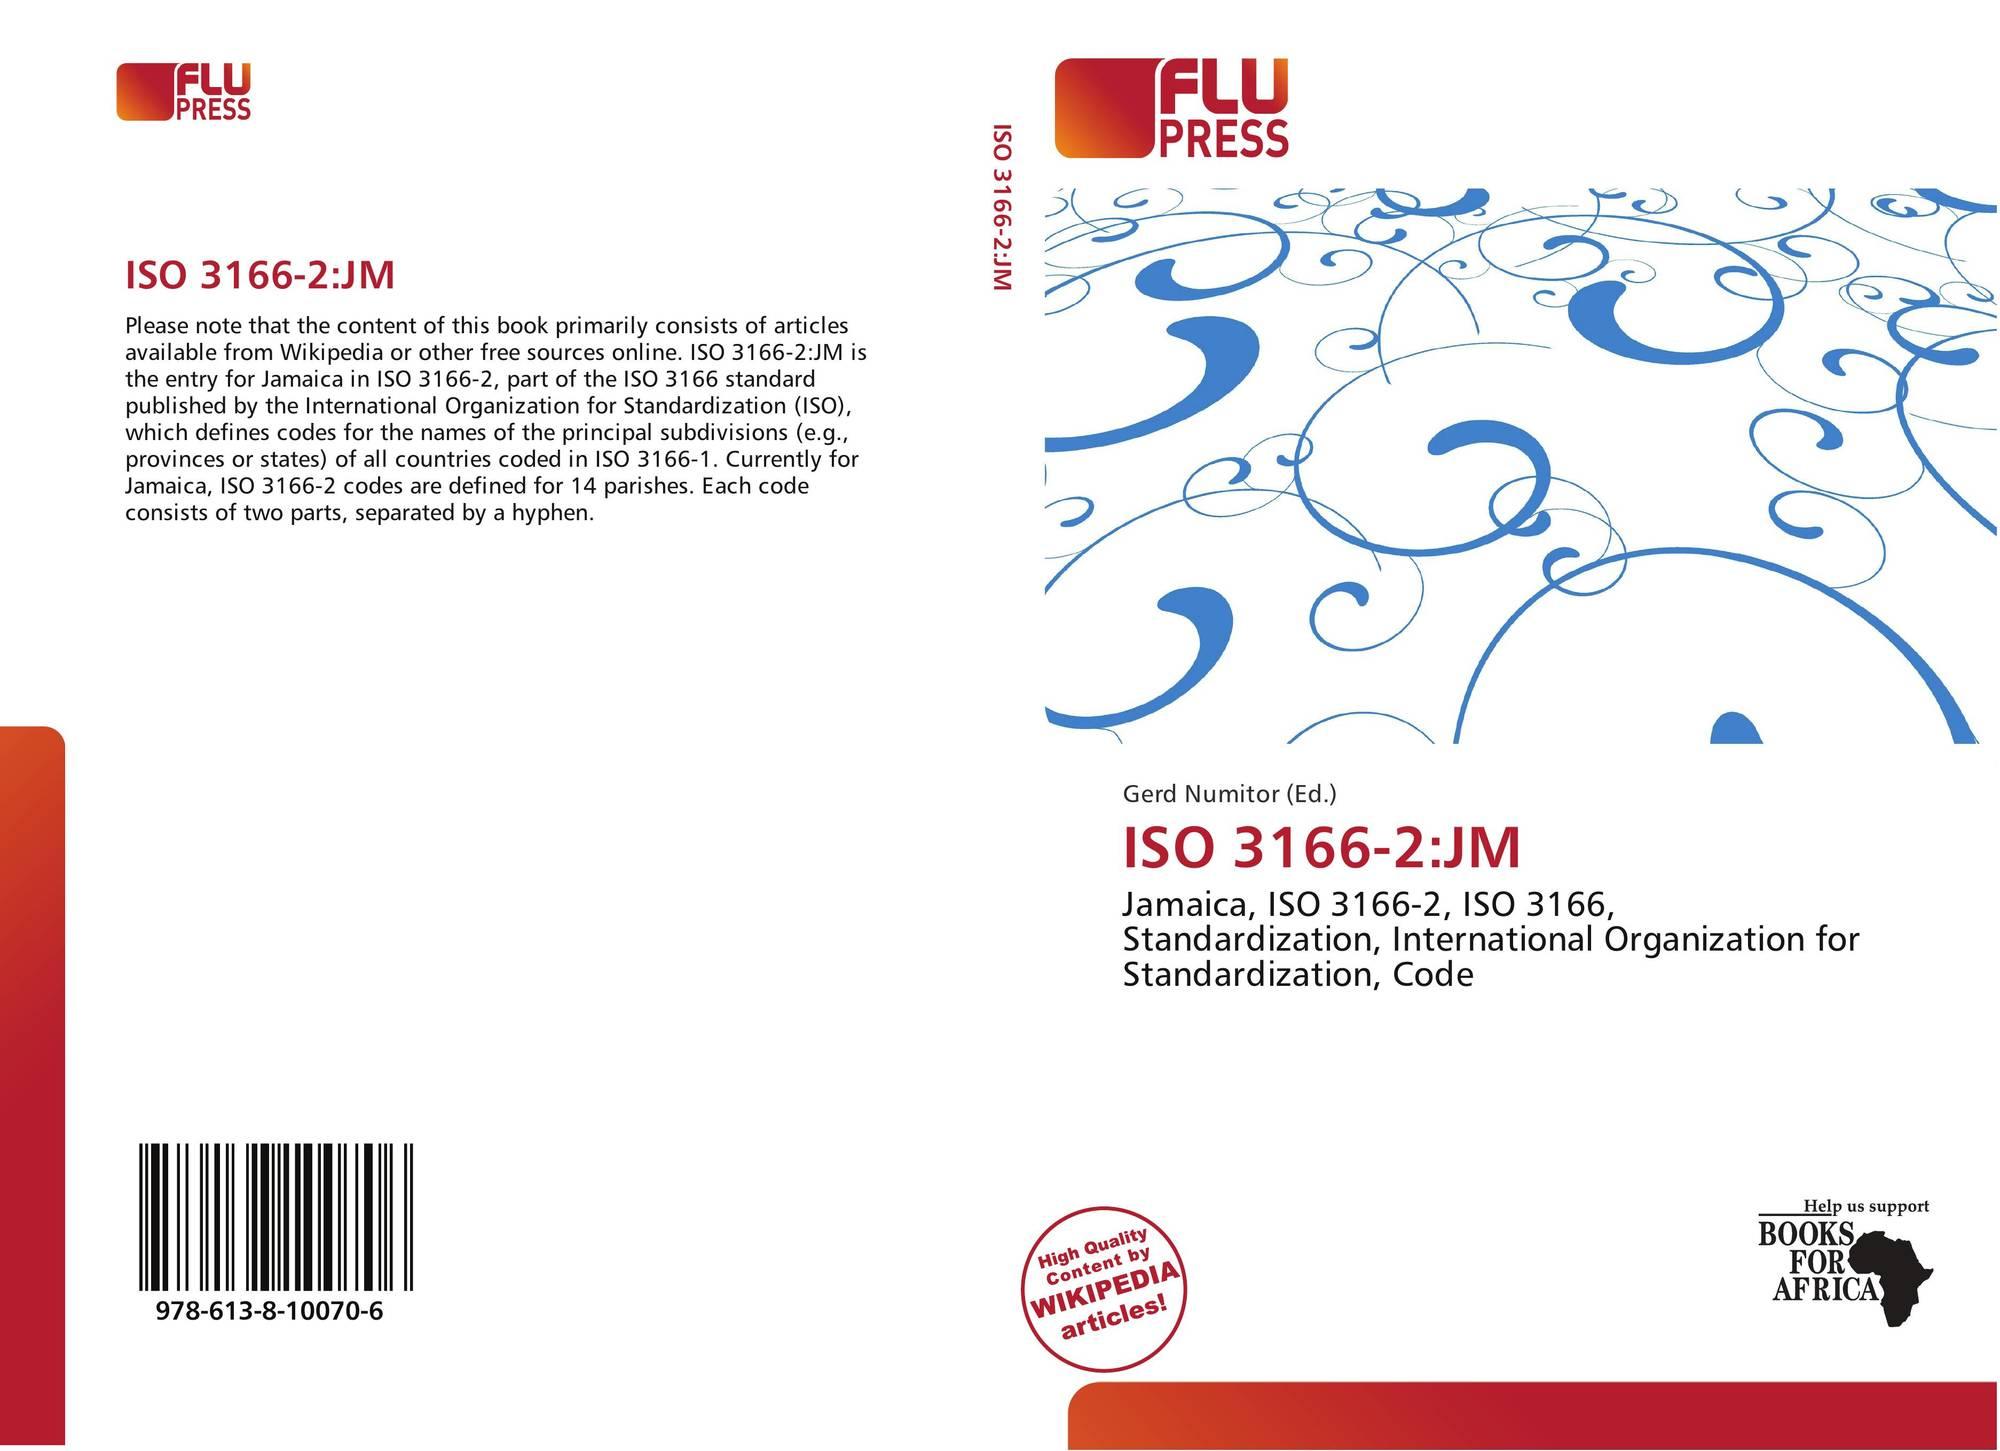 ISO 3166-2:AU